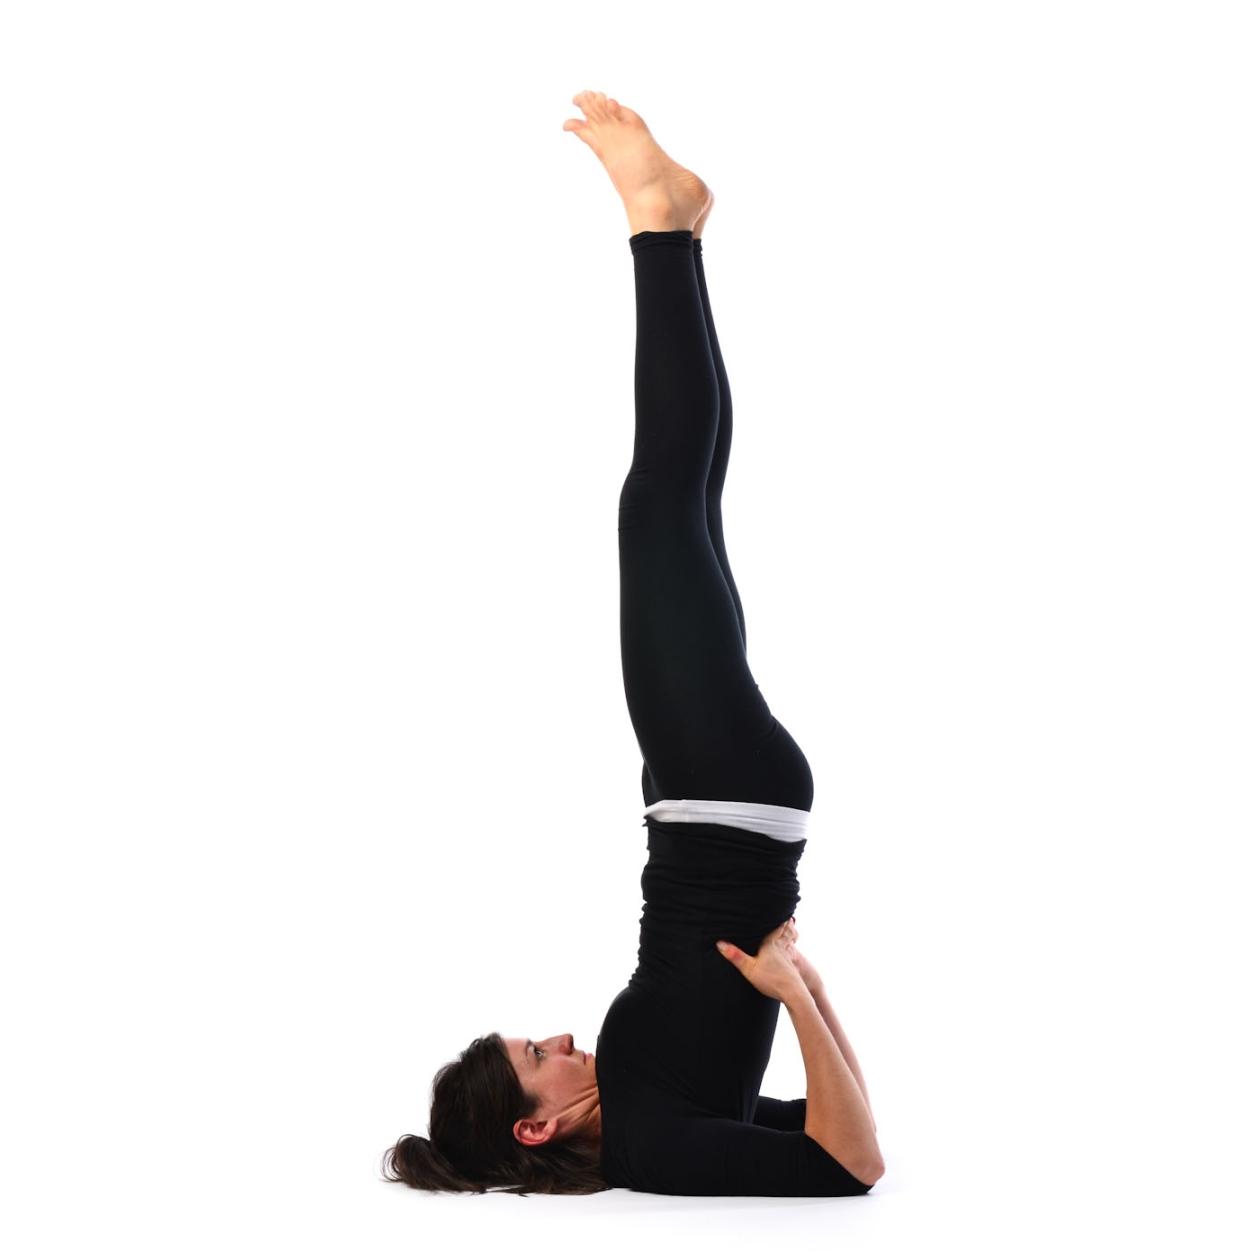 Shoulder Stand Hurts Lower Back